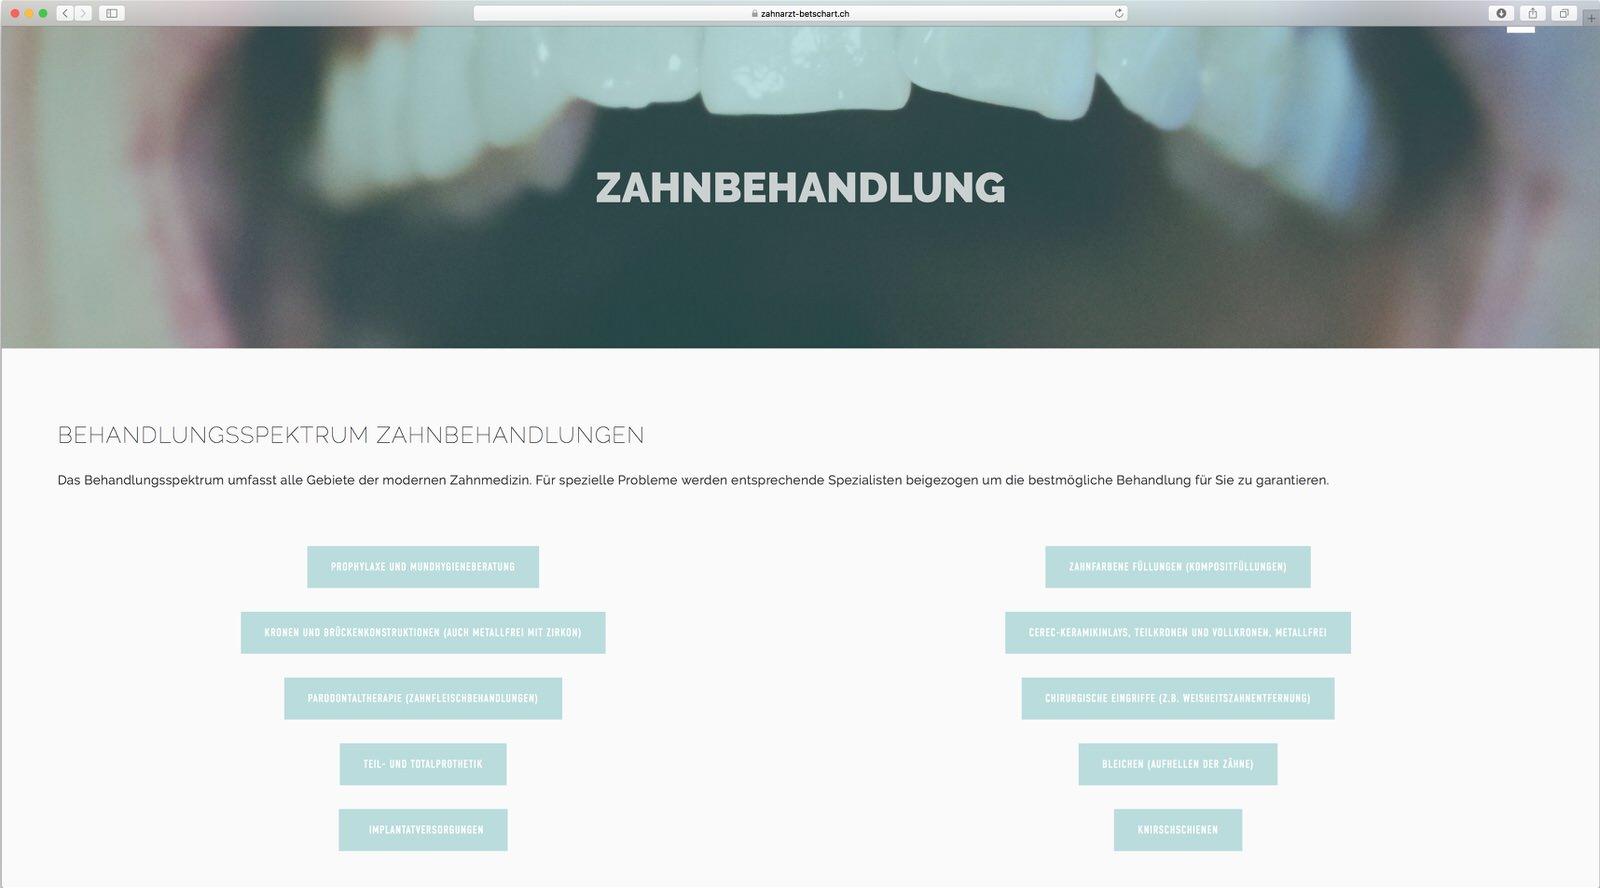 zahnarzt-betschart-webseite-partnersingmbh-2-1.jpg